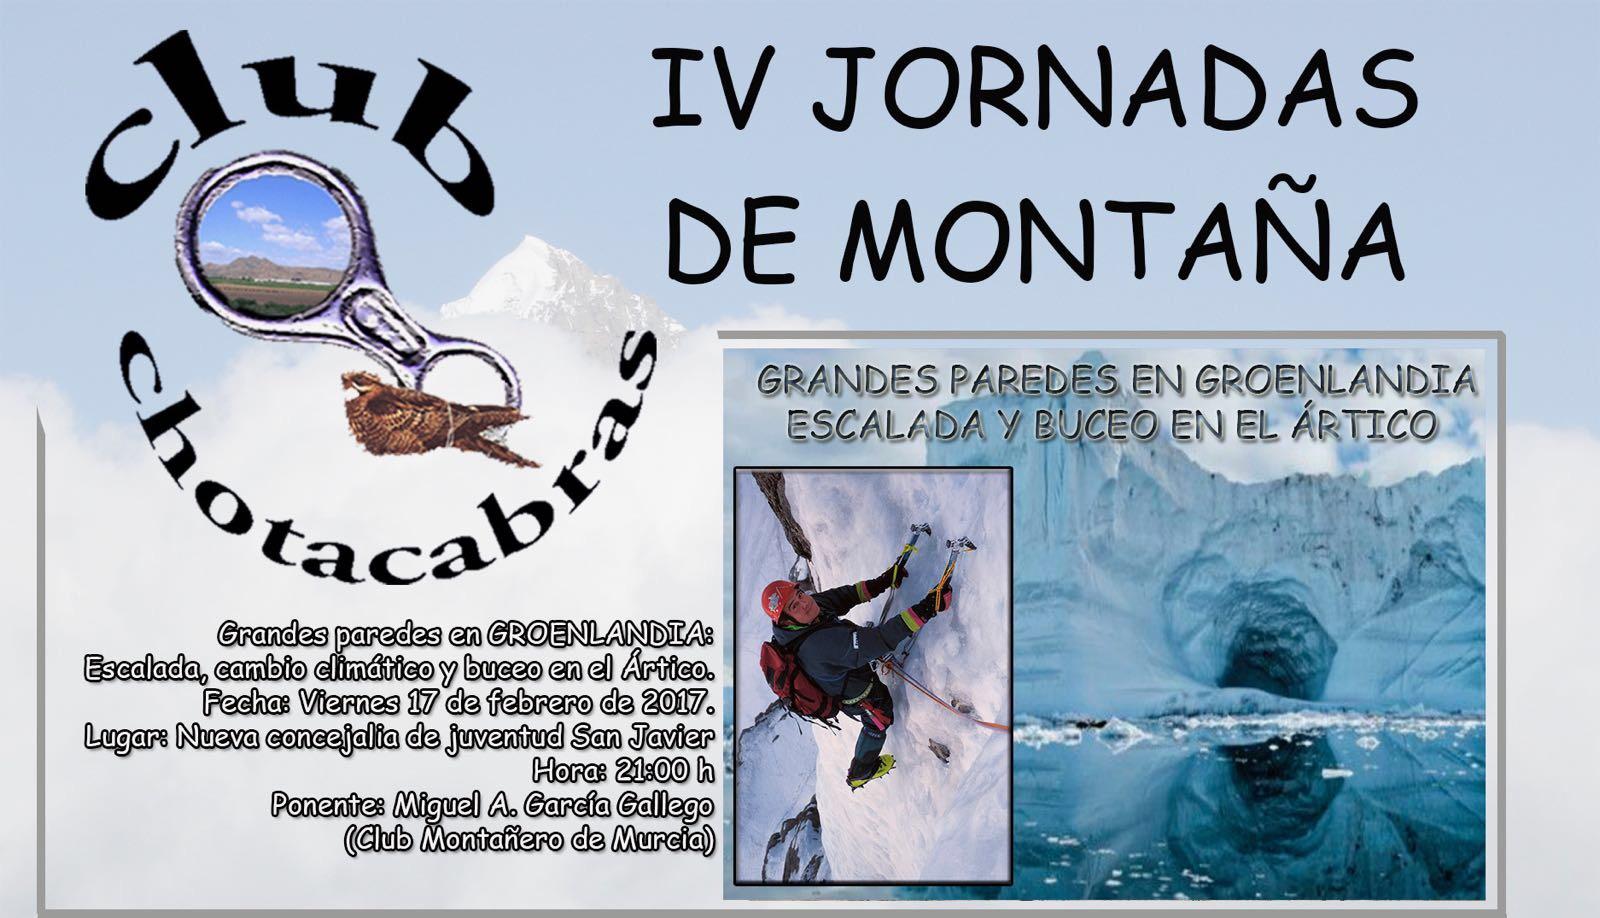 IV Jornadas de Montaña